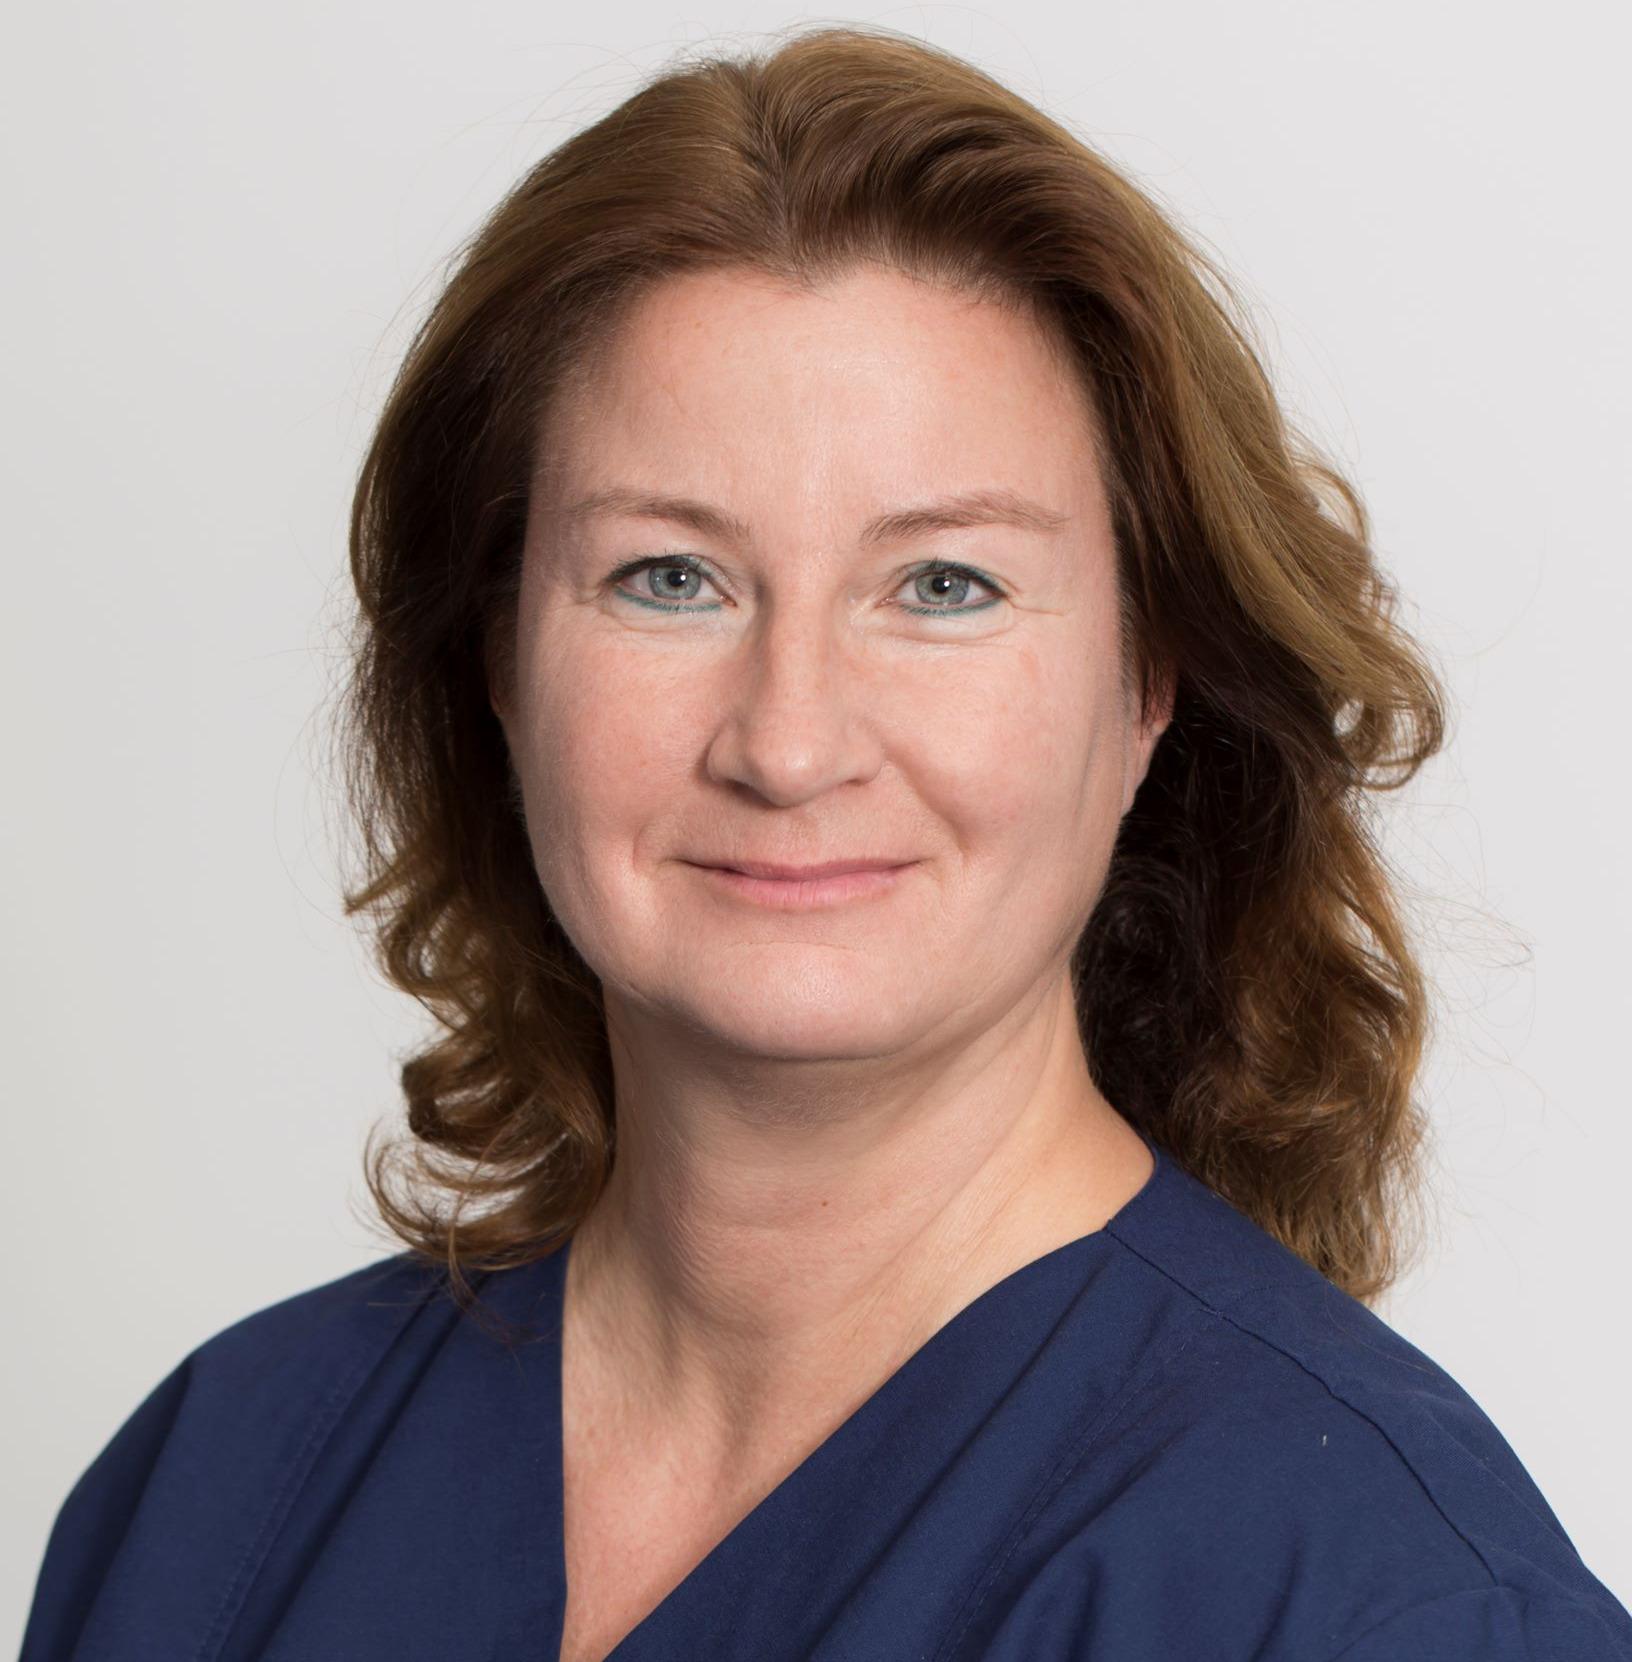 Elena Enderwitz